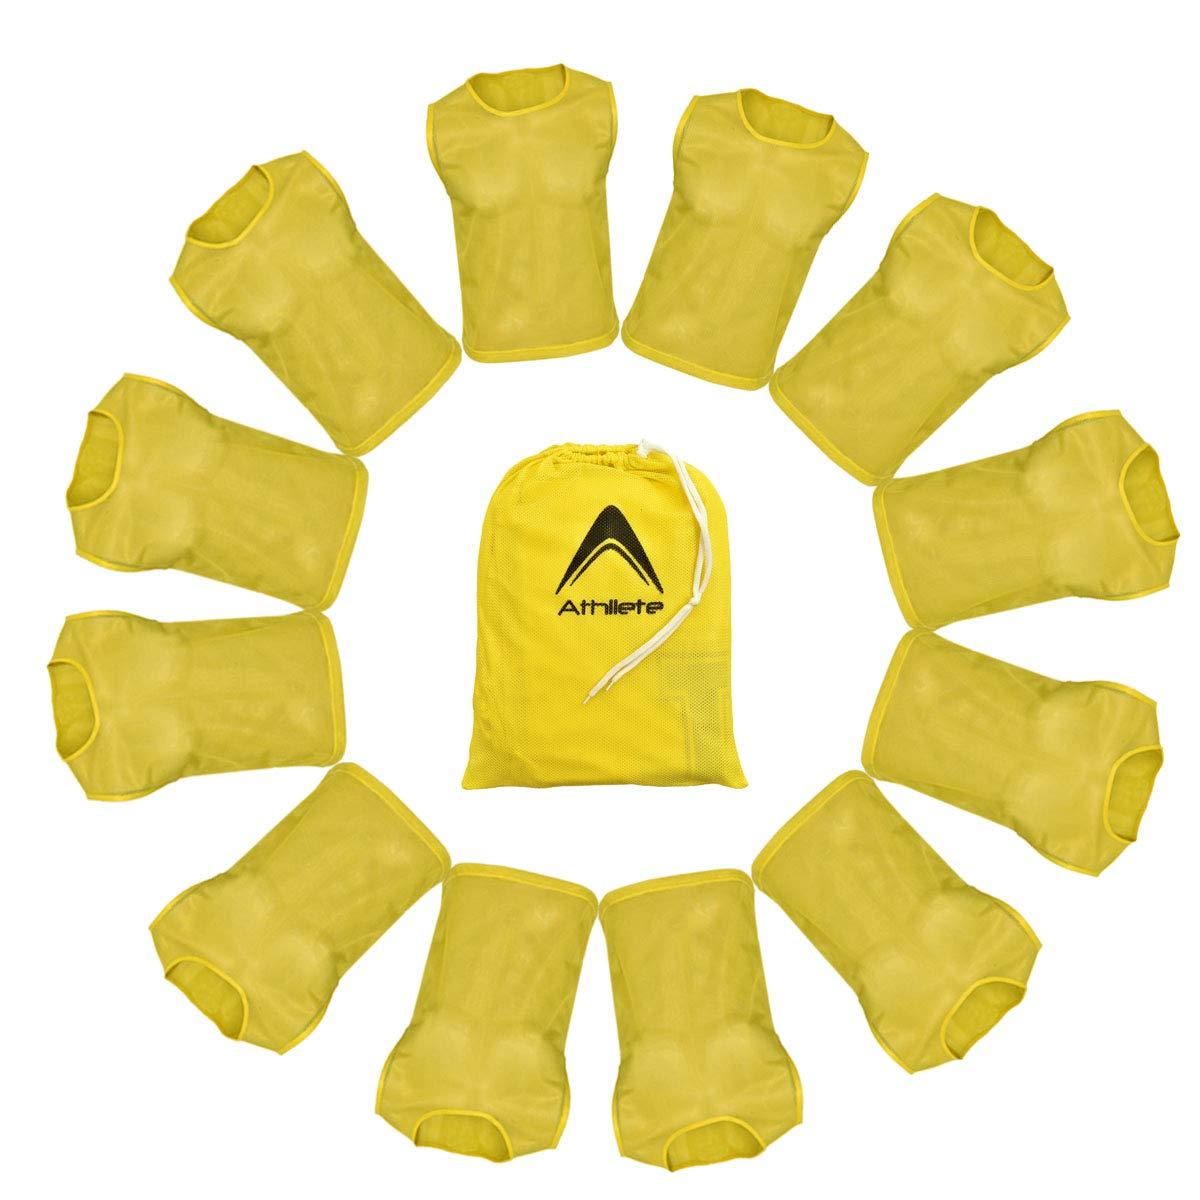 のセット12- Scrimmage Vest with FREE Carryバッグ。 B0793LGK91 ゴールデンイエロー XX-Large